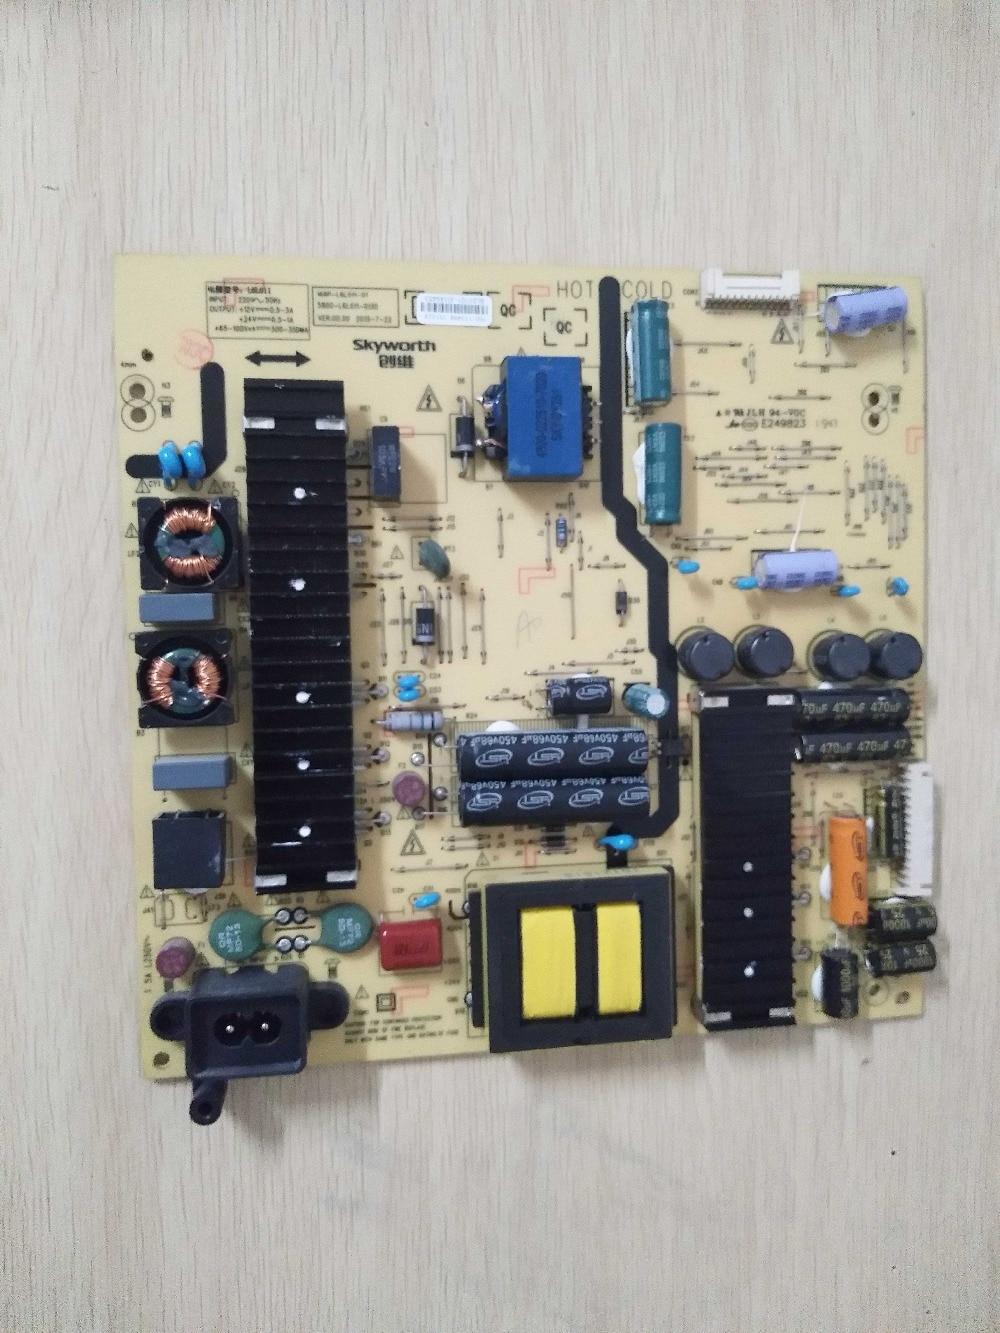 5800-L6L011-0130 168P-L6L011-01 Good Working Tested